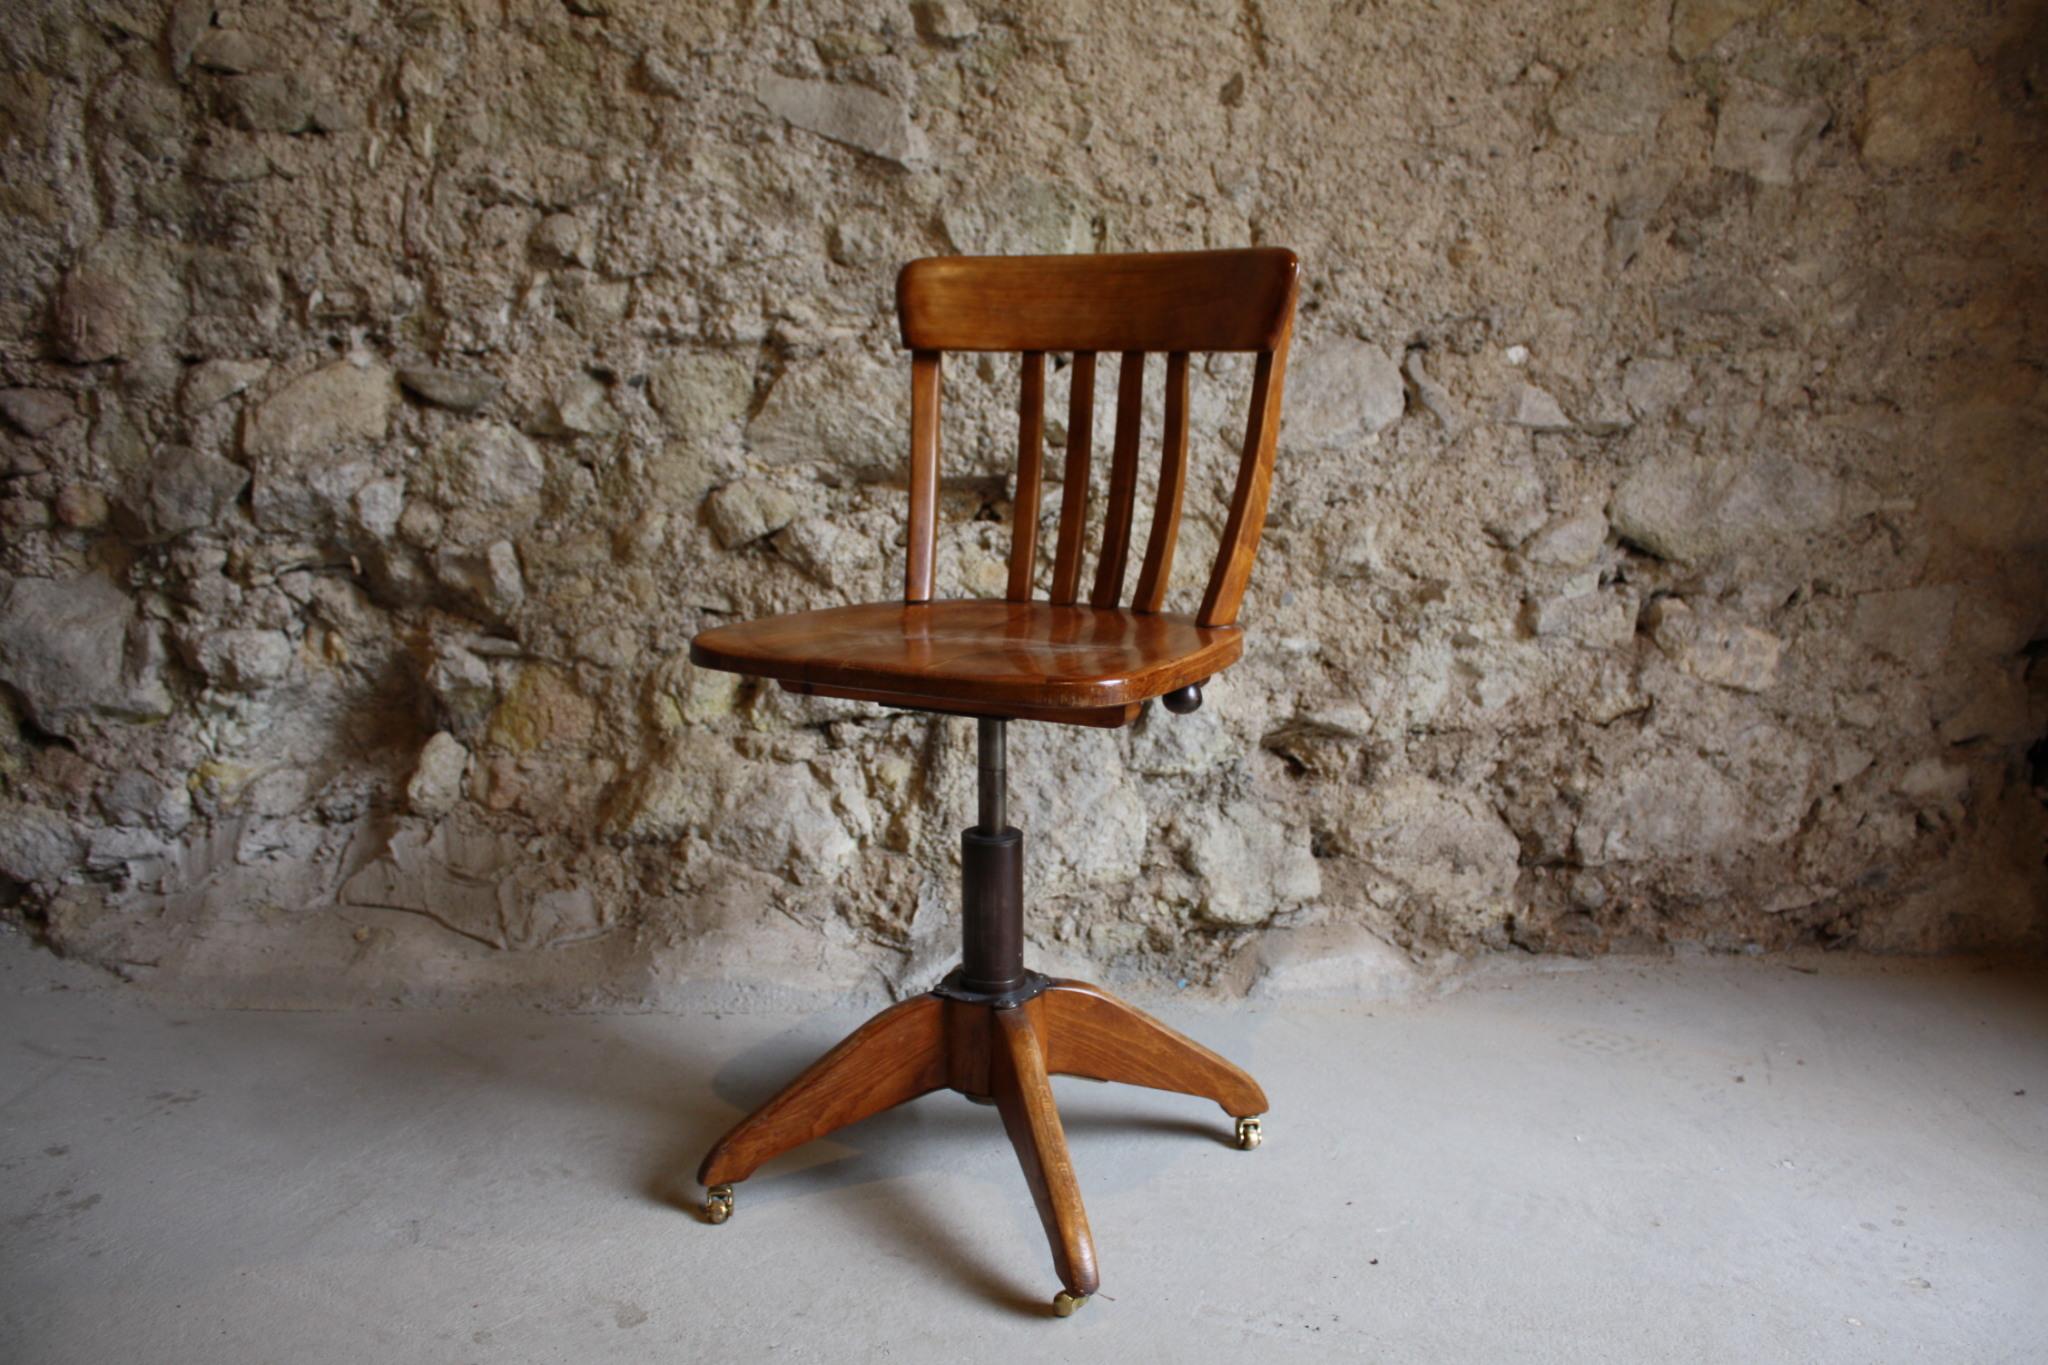 architektenstuhl-burostuhl-antik-bauhaus-stoll-giroflex-vintage-gebraucht-loft-buche-1